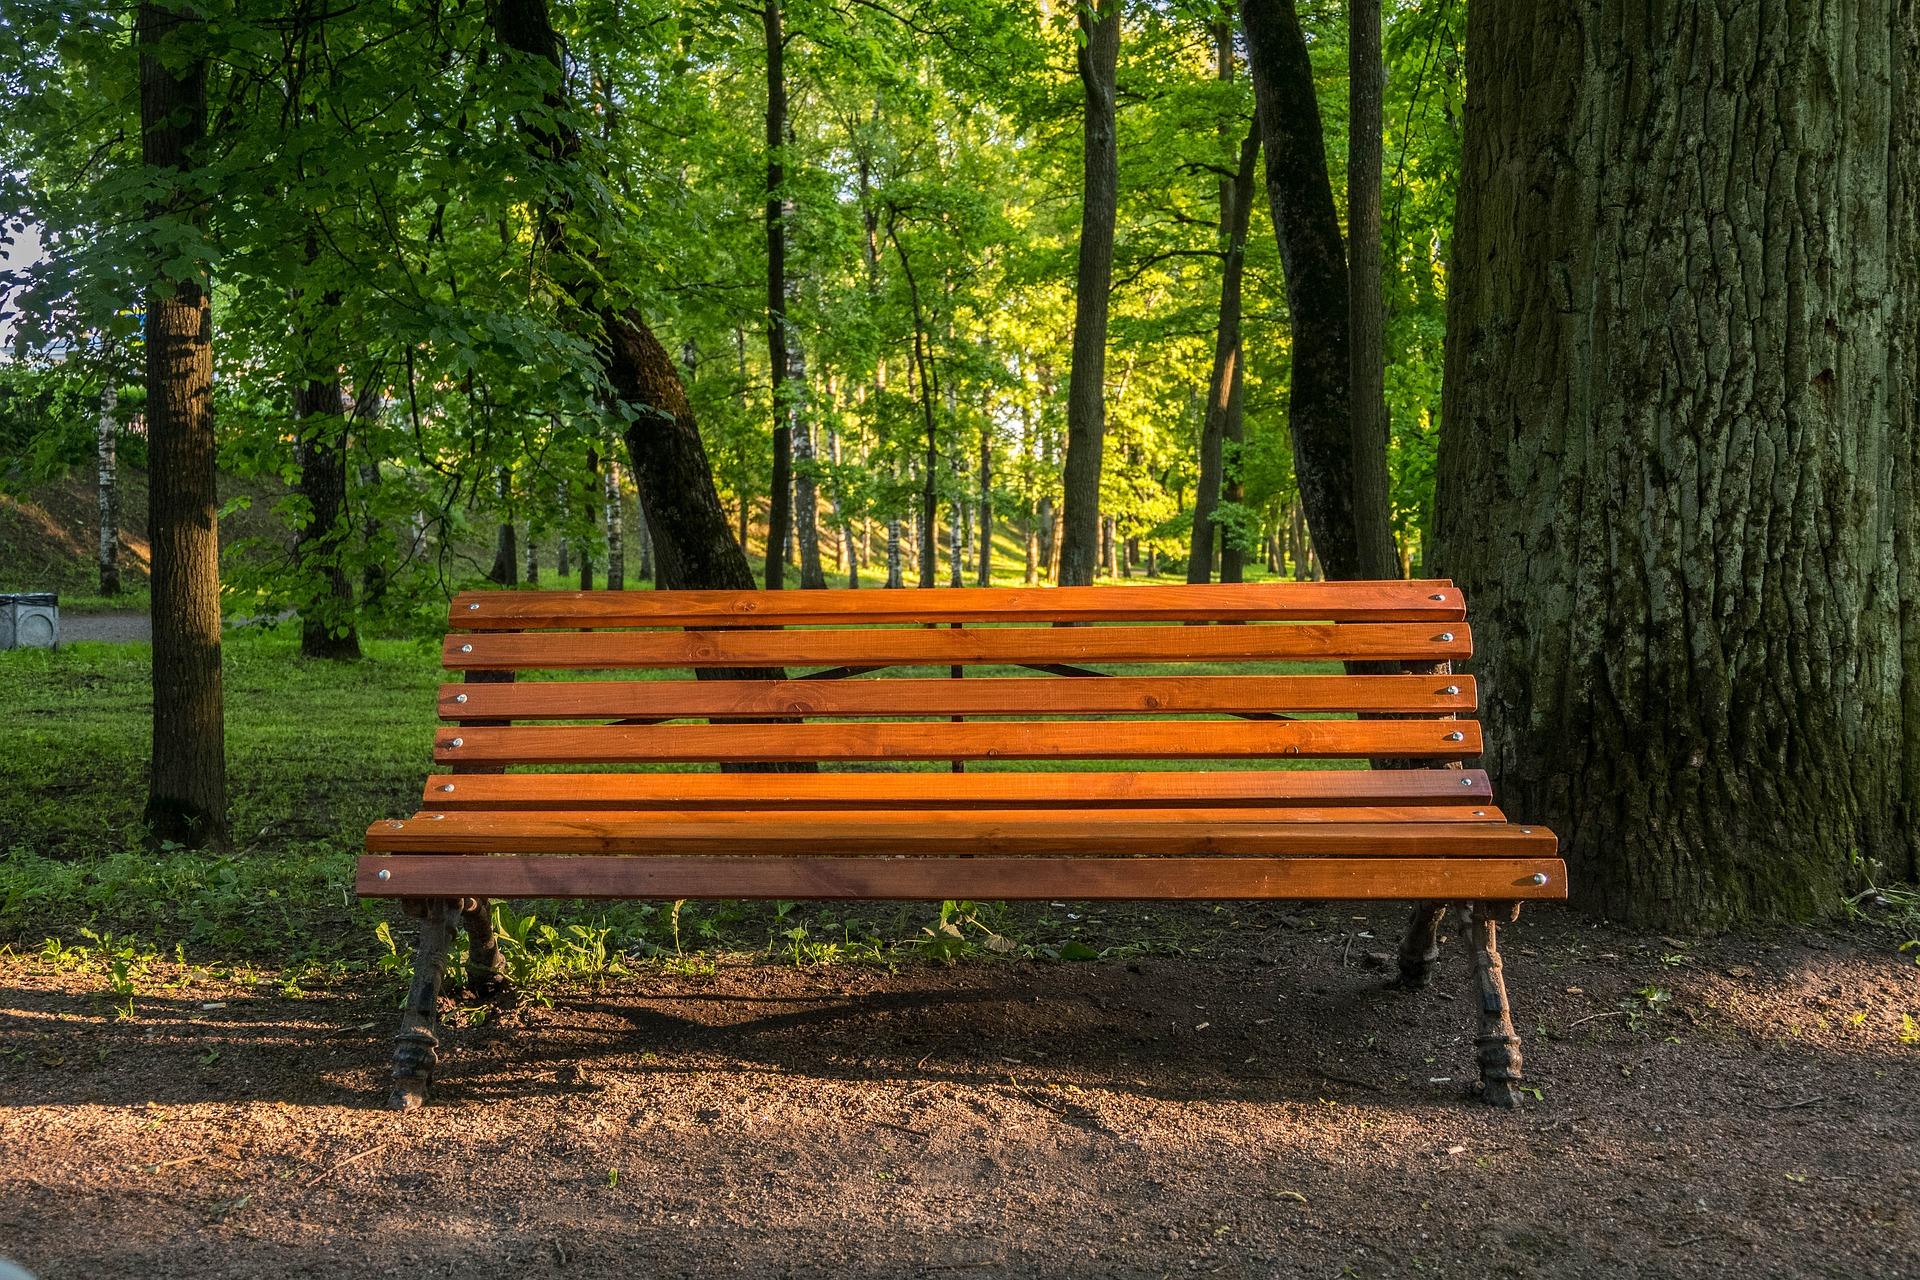 Samo 20 minuta dnevno u gradskome parku potiče dobro raspoloženje